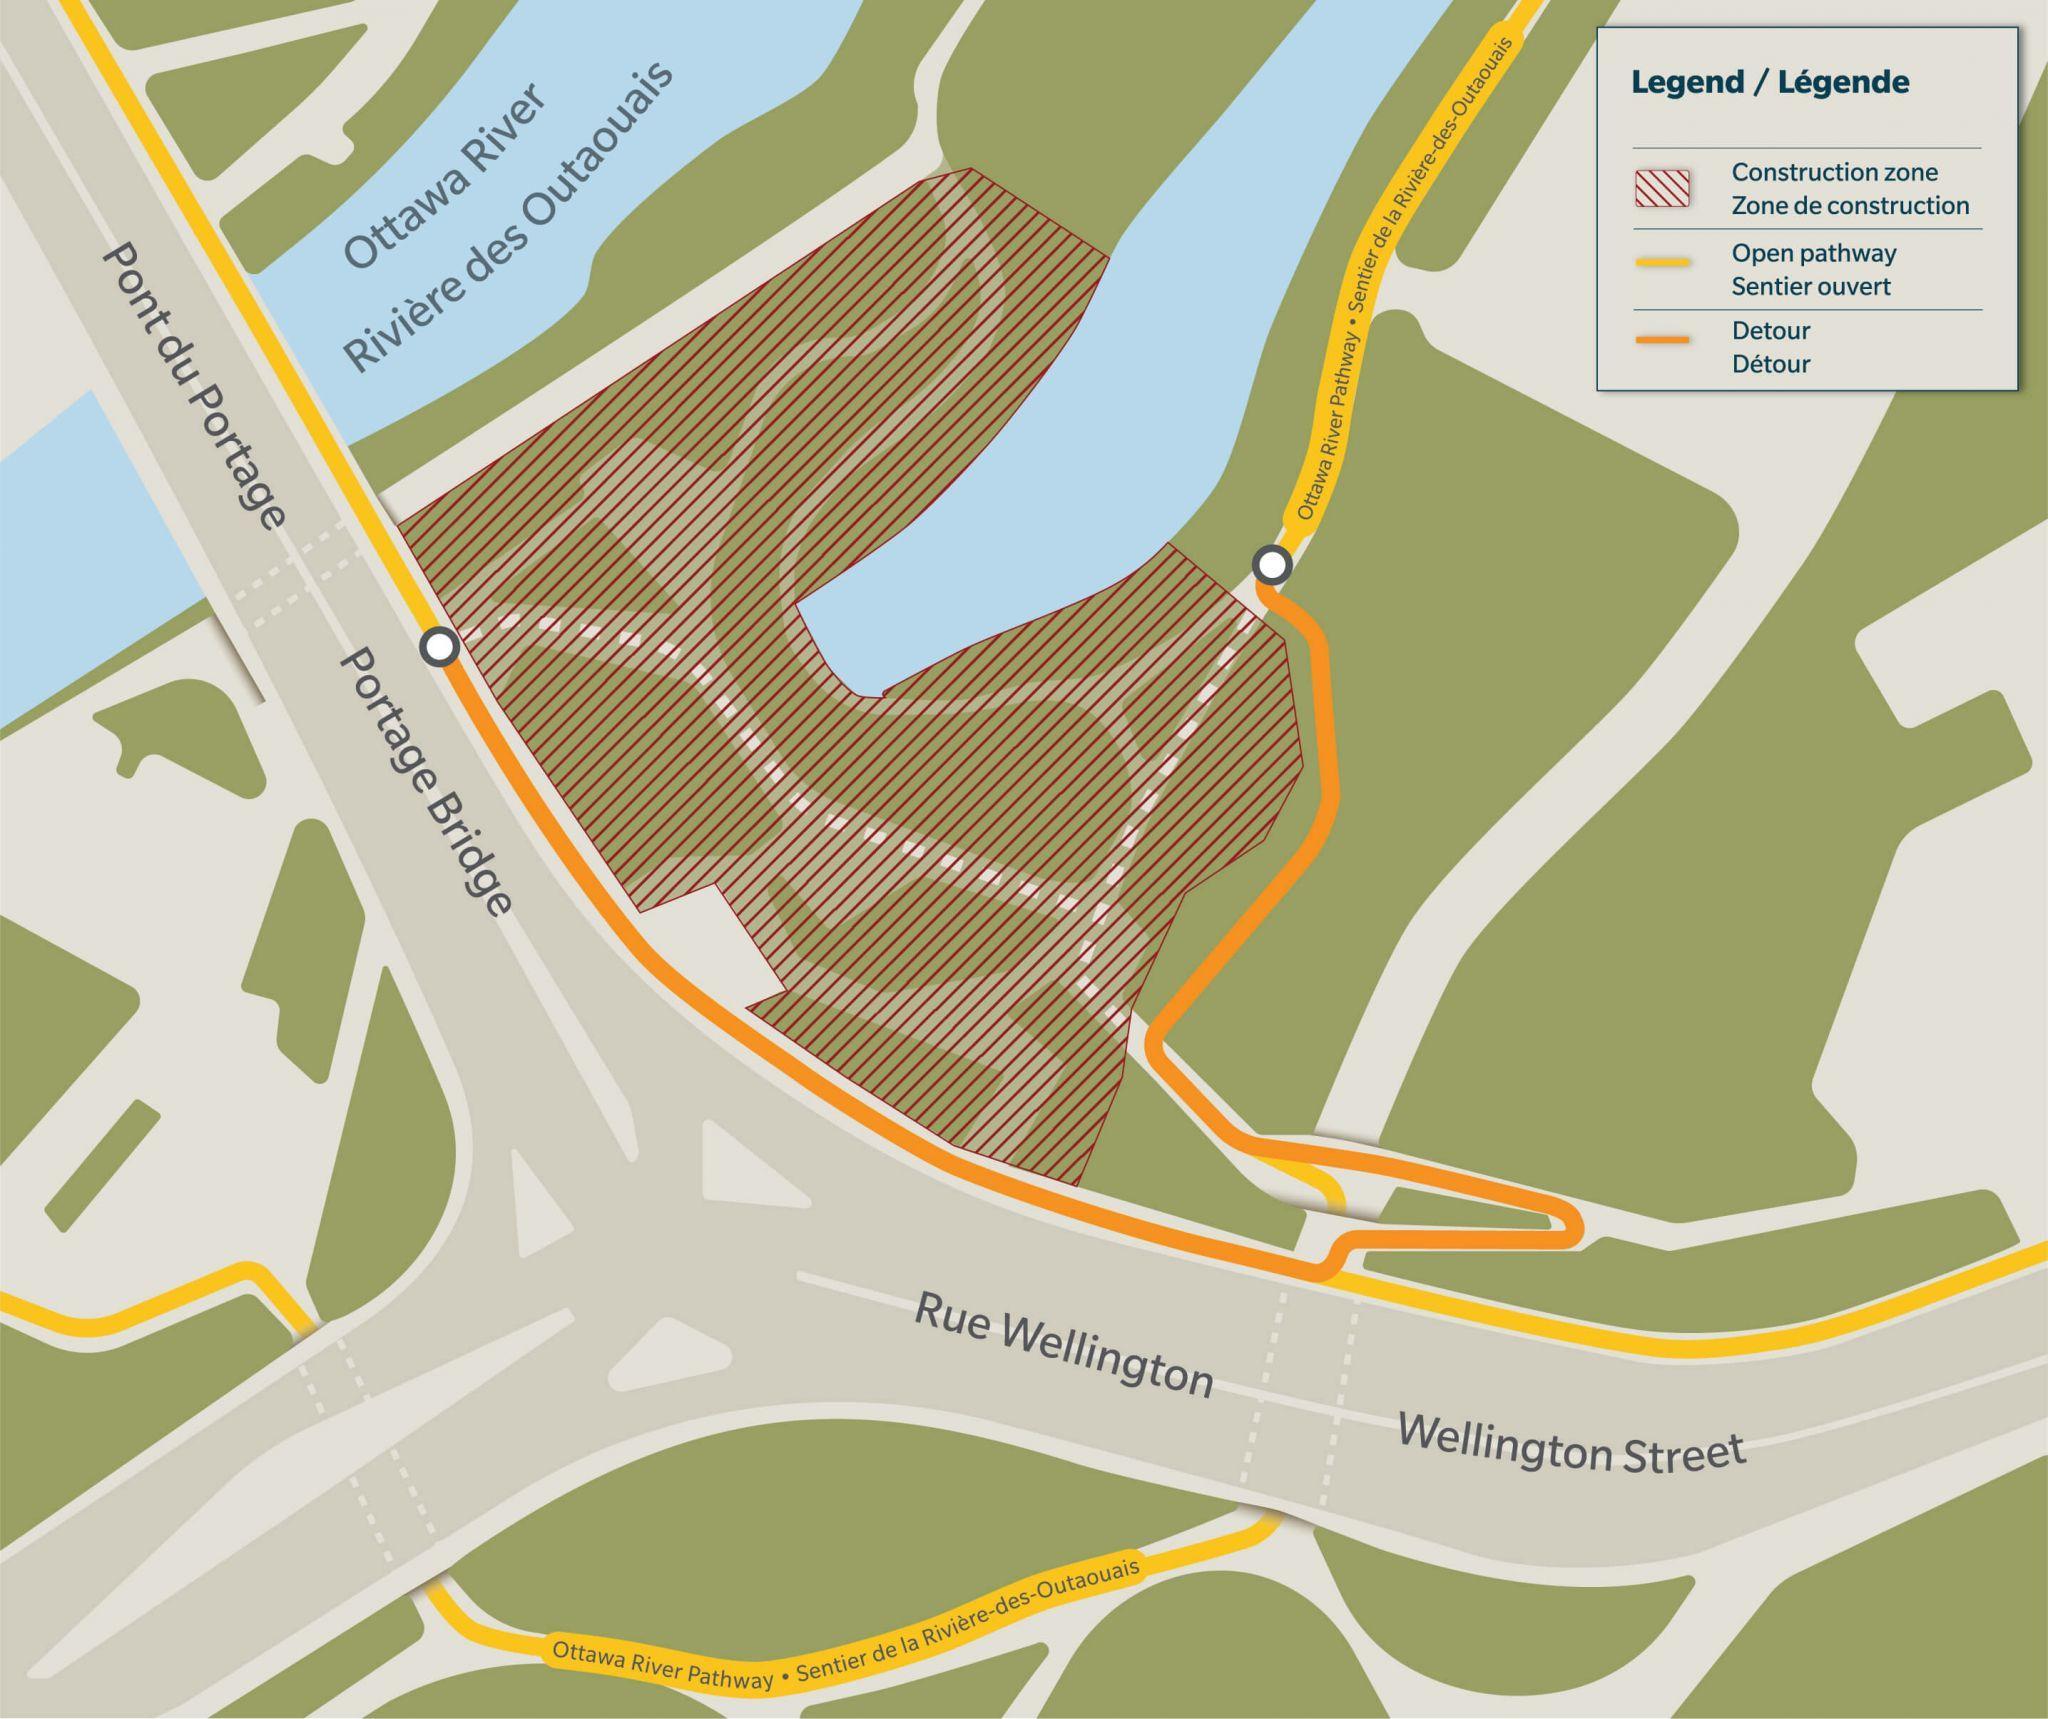 Carte de la déviation empruntant la rampe d'accès au-dessus du tunnel sous la rue Wellington.